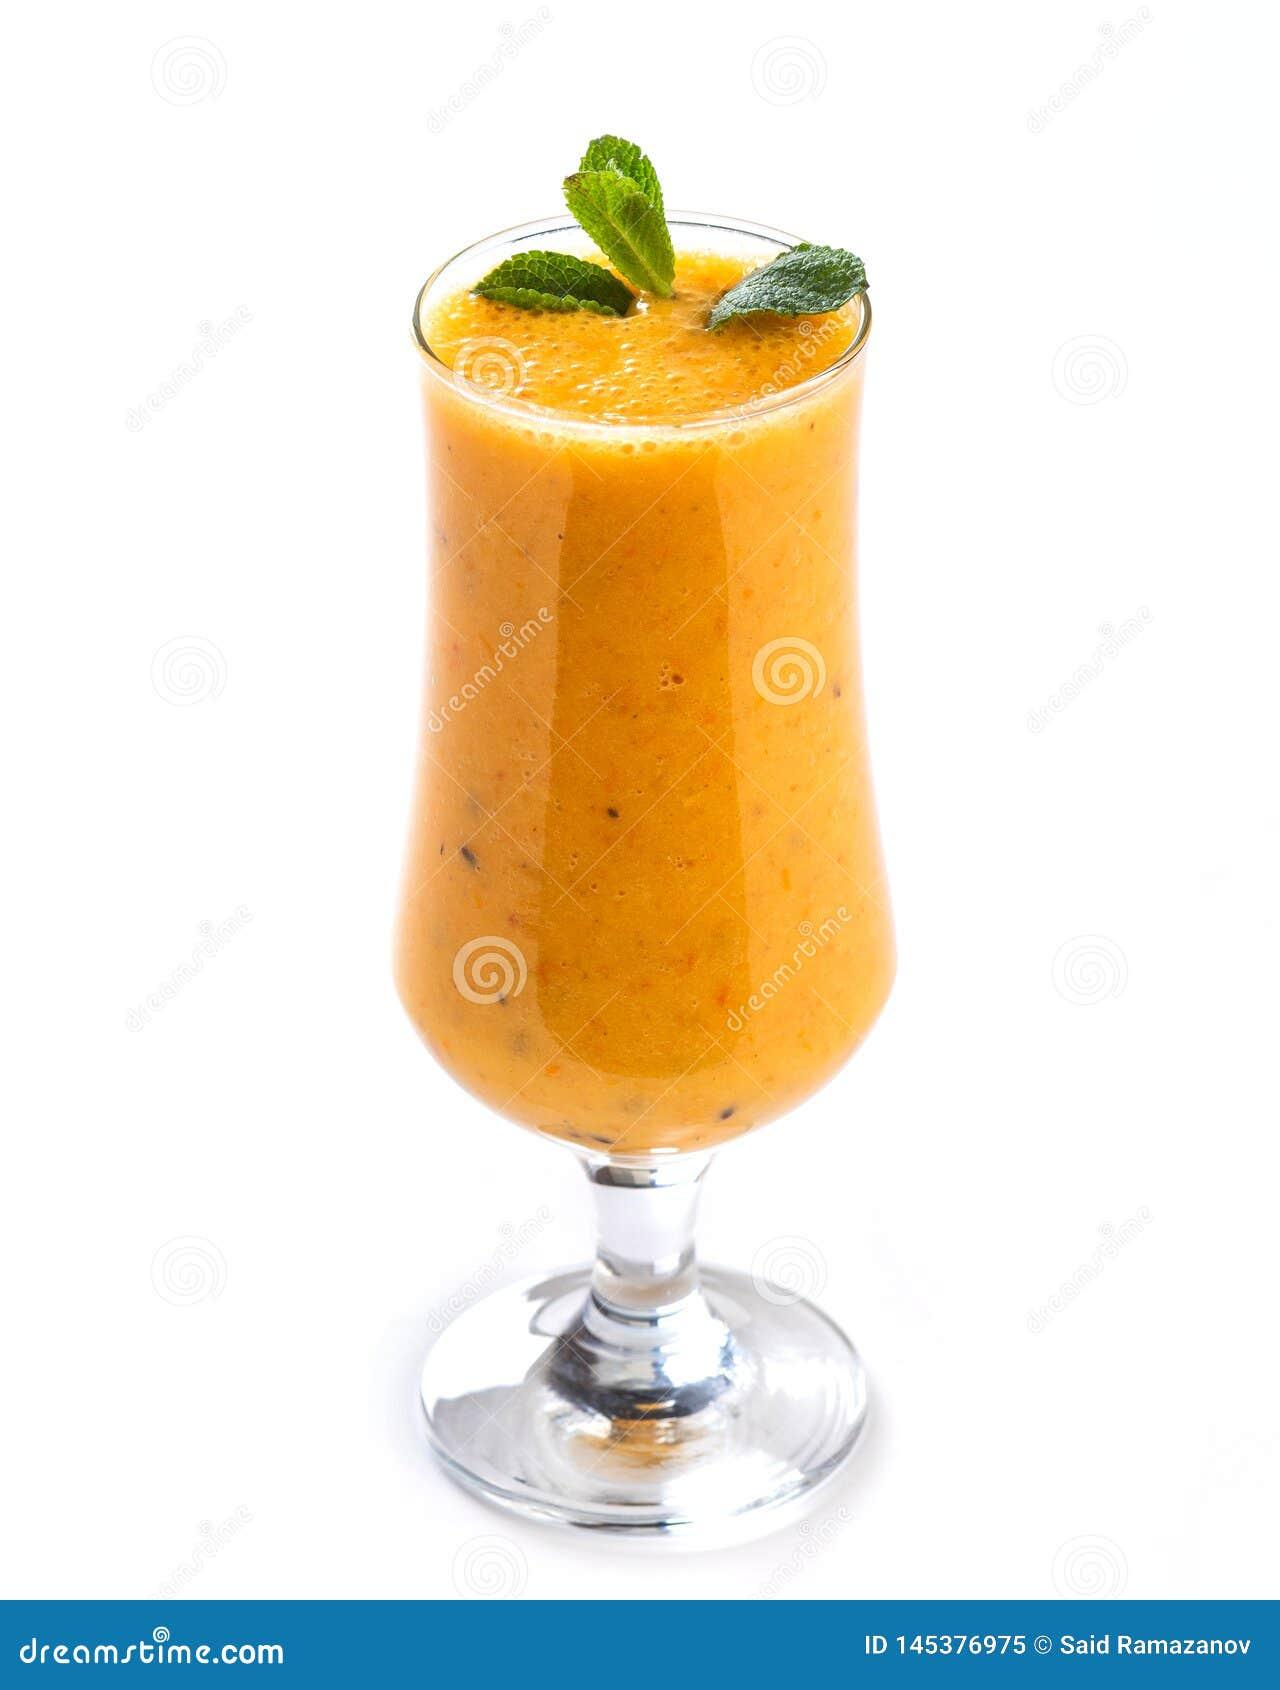 Frullato arancio in un vetro alto decorato con una foglia della menta su fondo bianco isolato